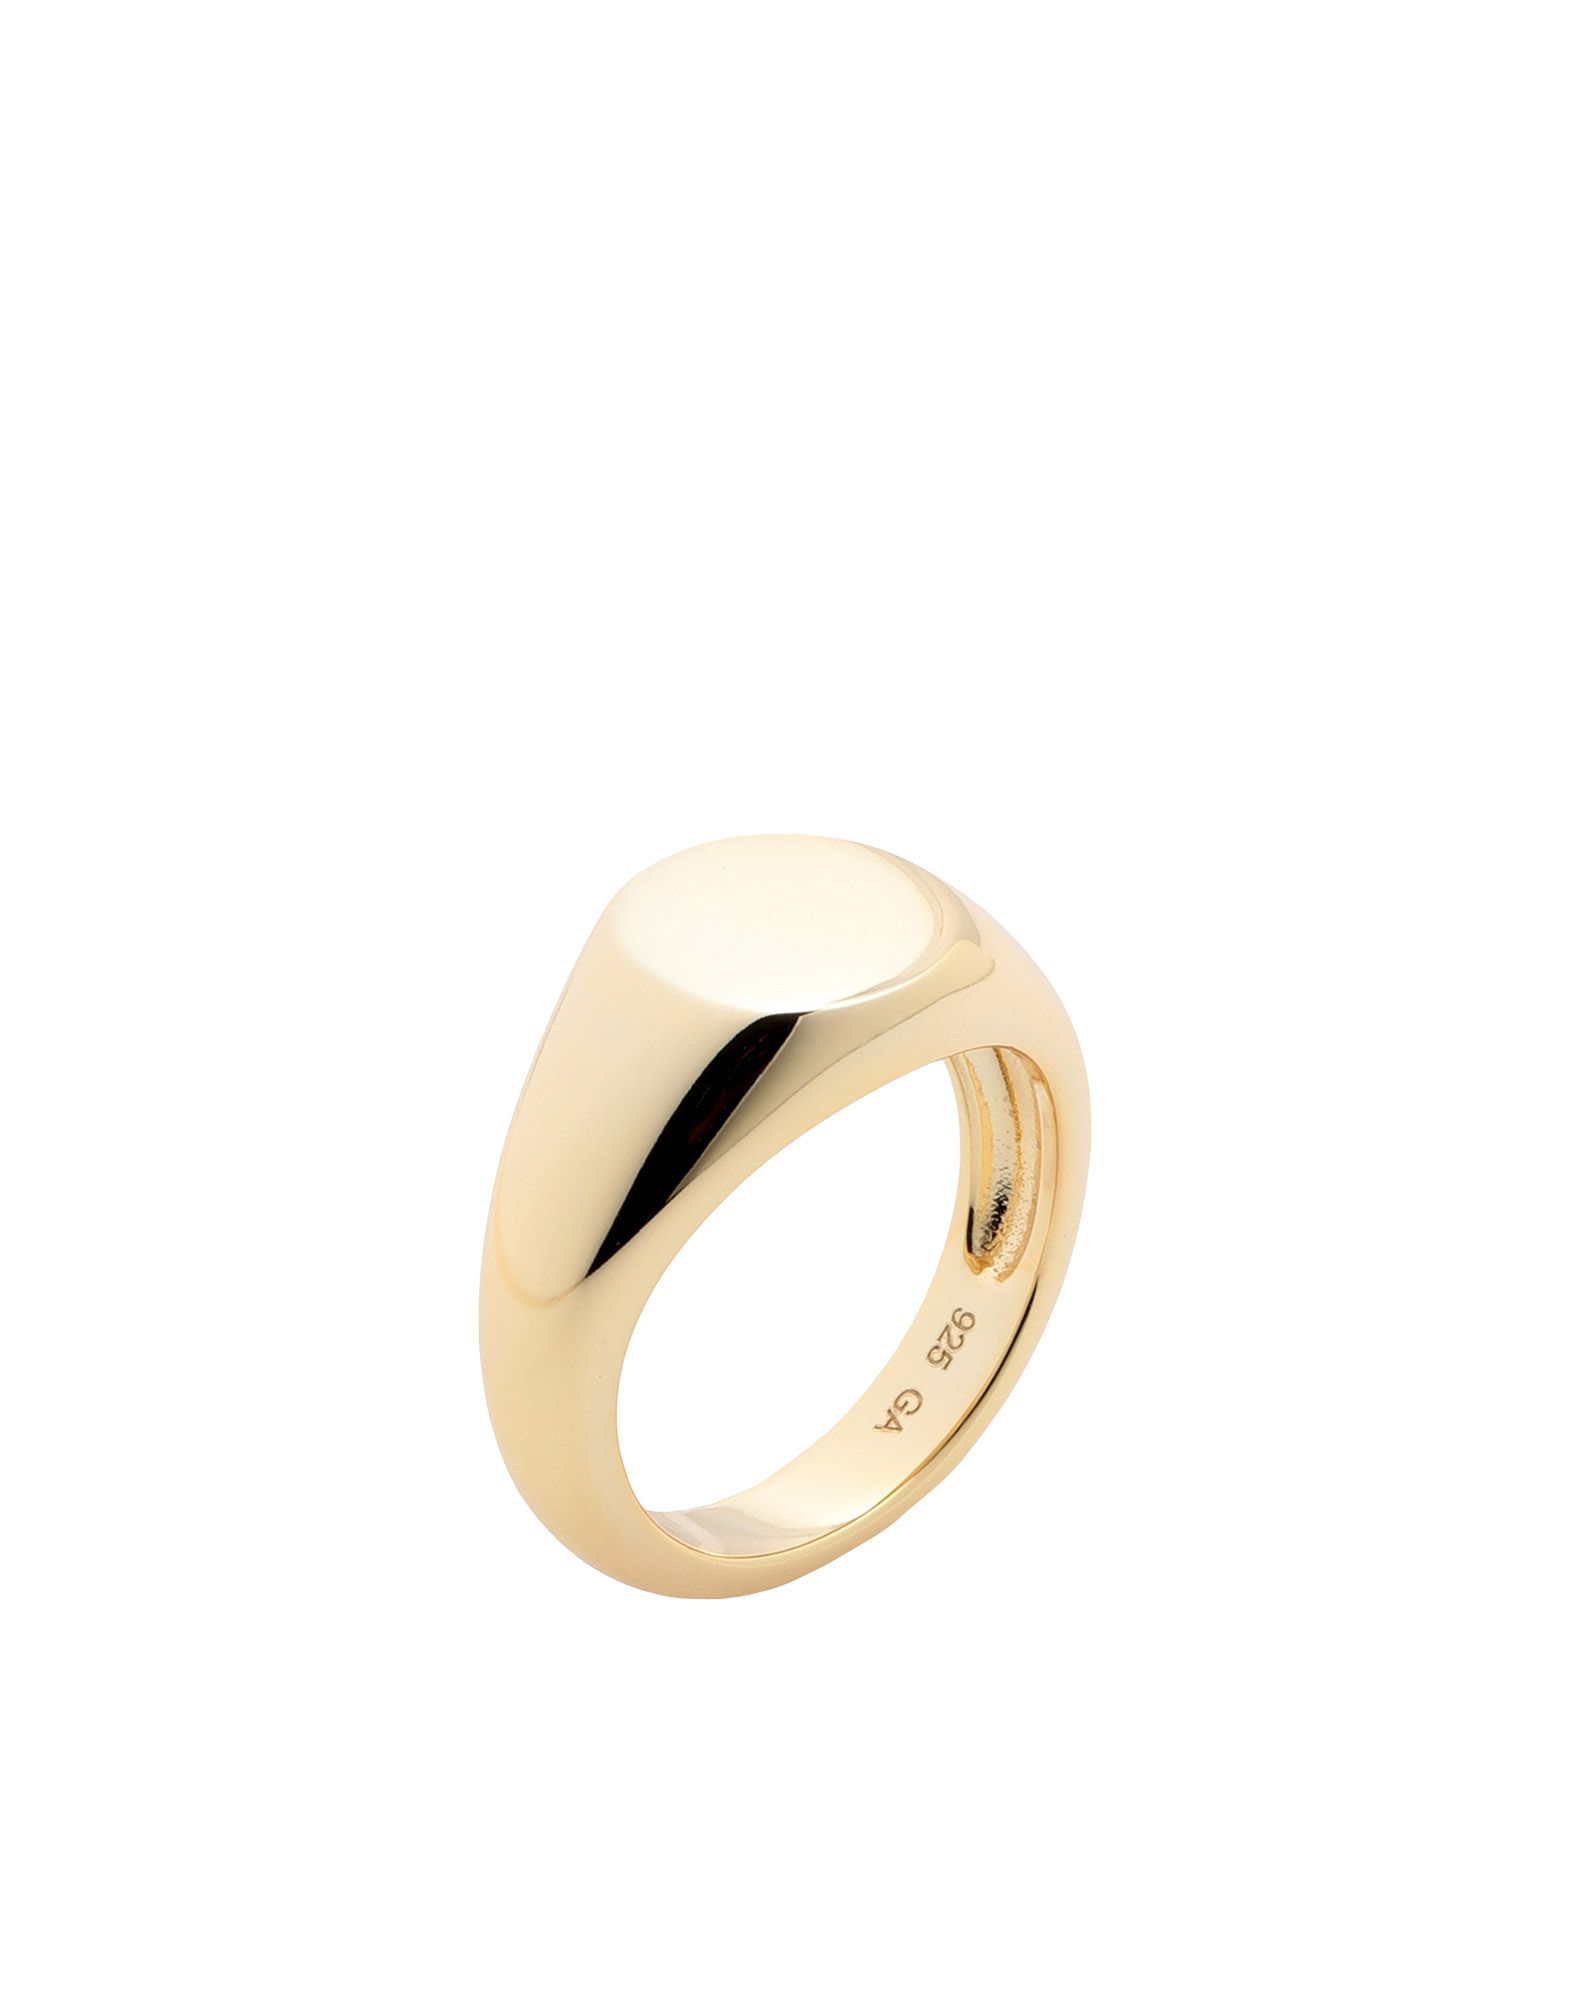 《セール開催中》GALLERIA ARMADORO レディース 指輪 ゴールド 46 銀 SIMPLE SIGNET RING